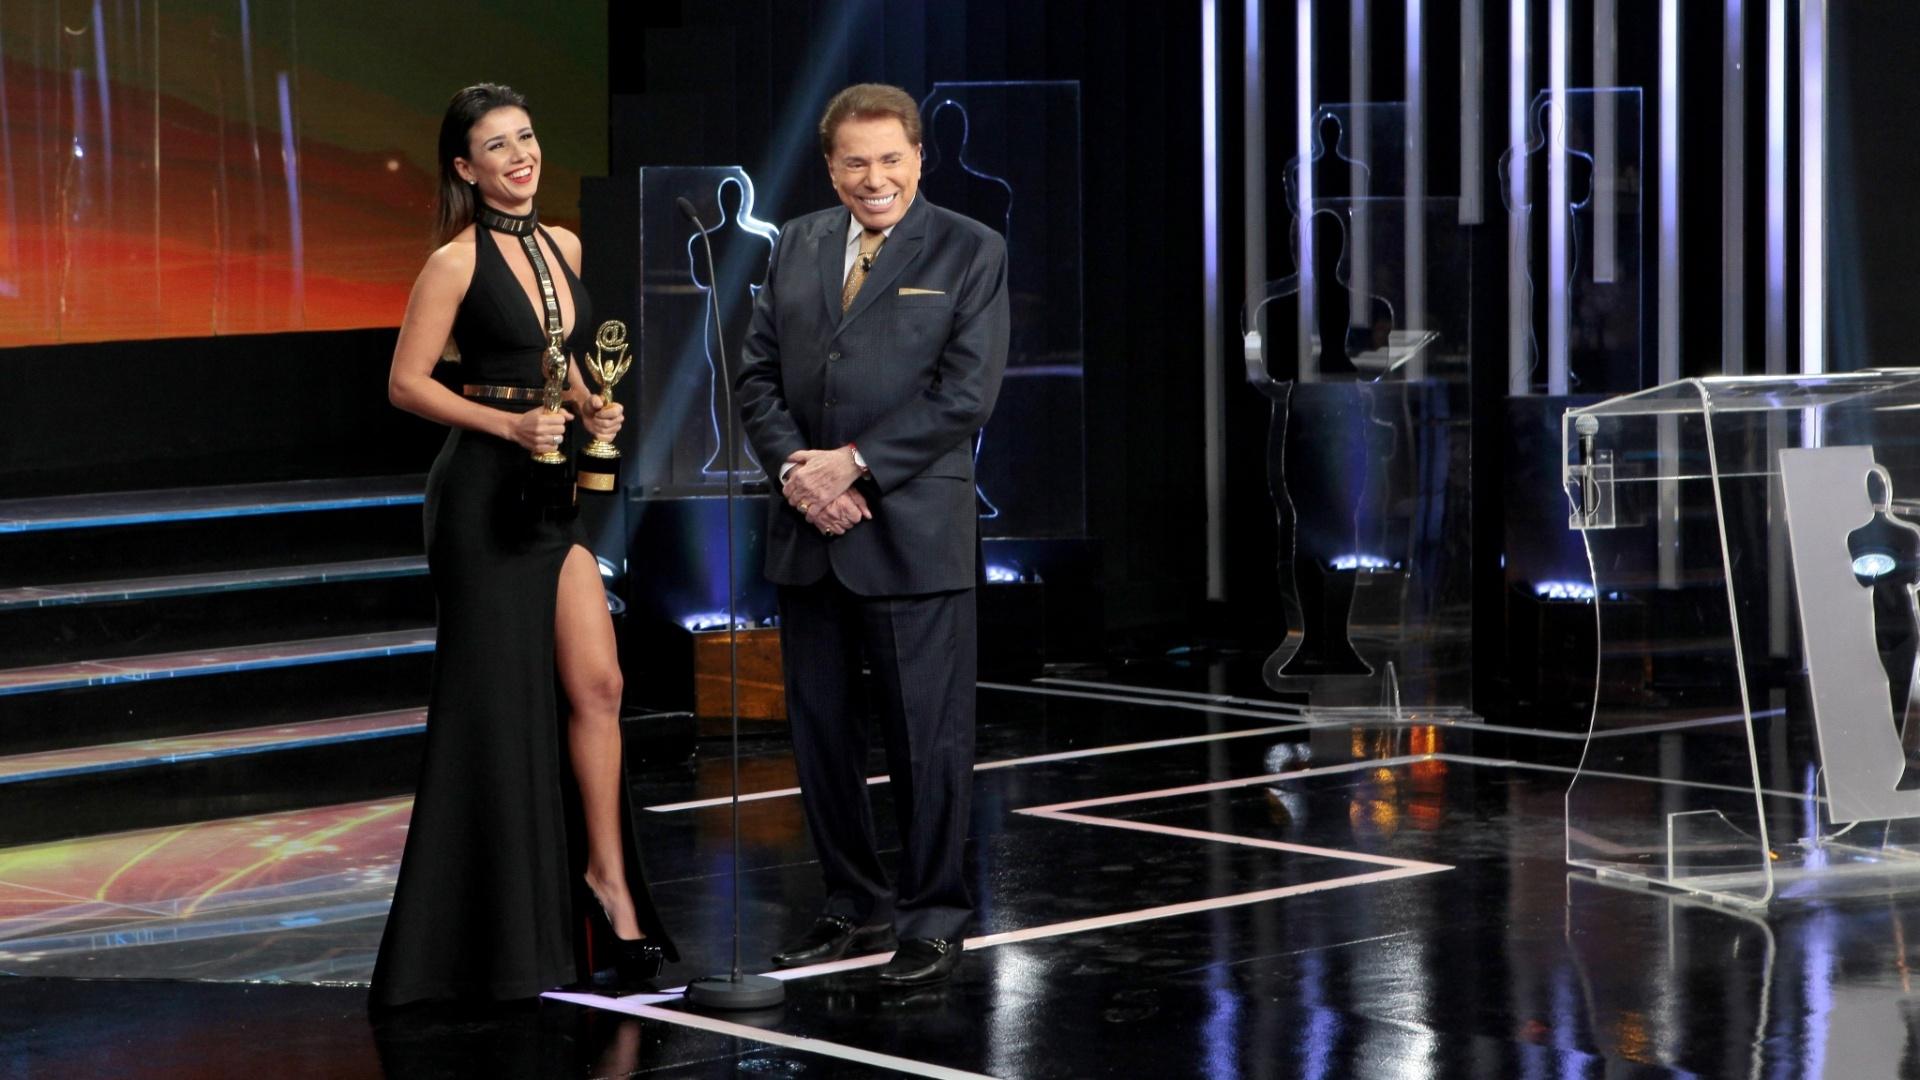 Cantora Paula Fernandes recebe seus troféus na premiação e se diverte ao lado do animador Silvio Santos